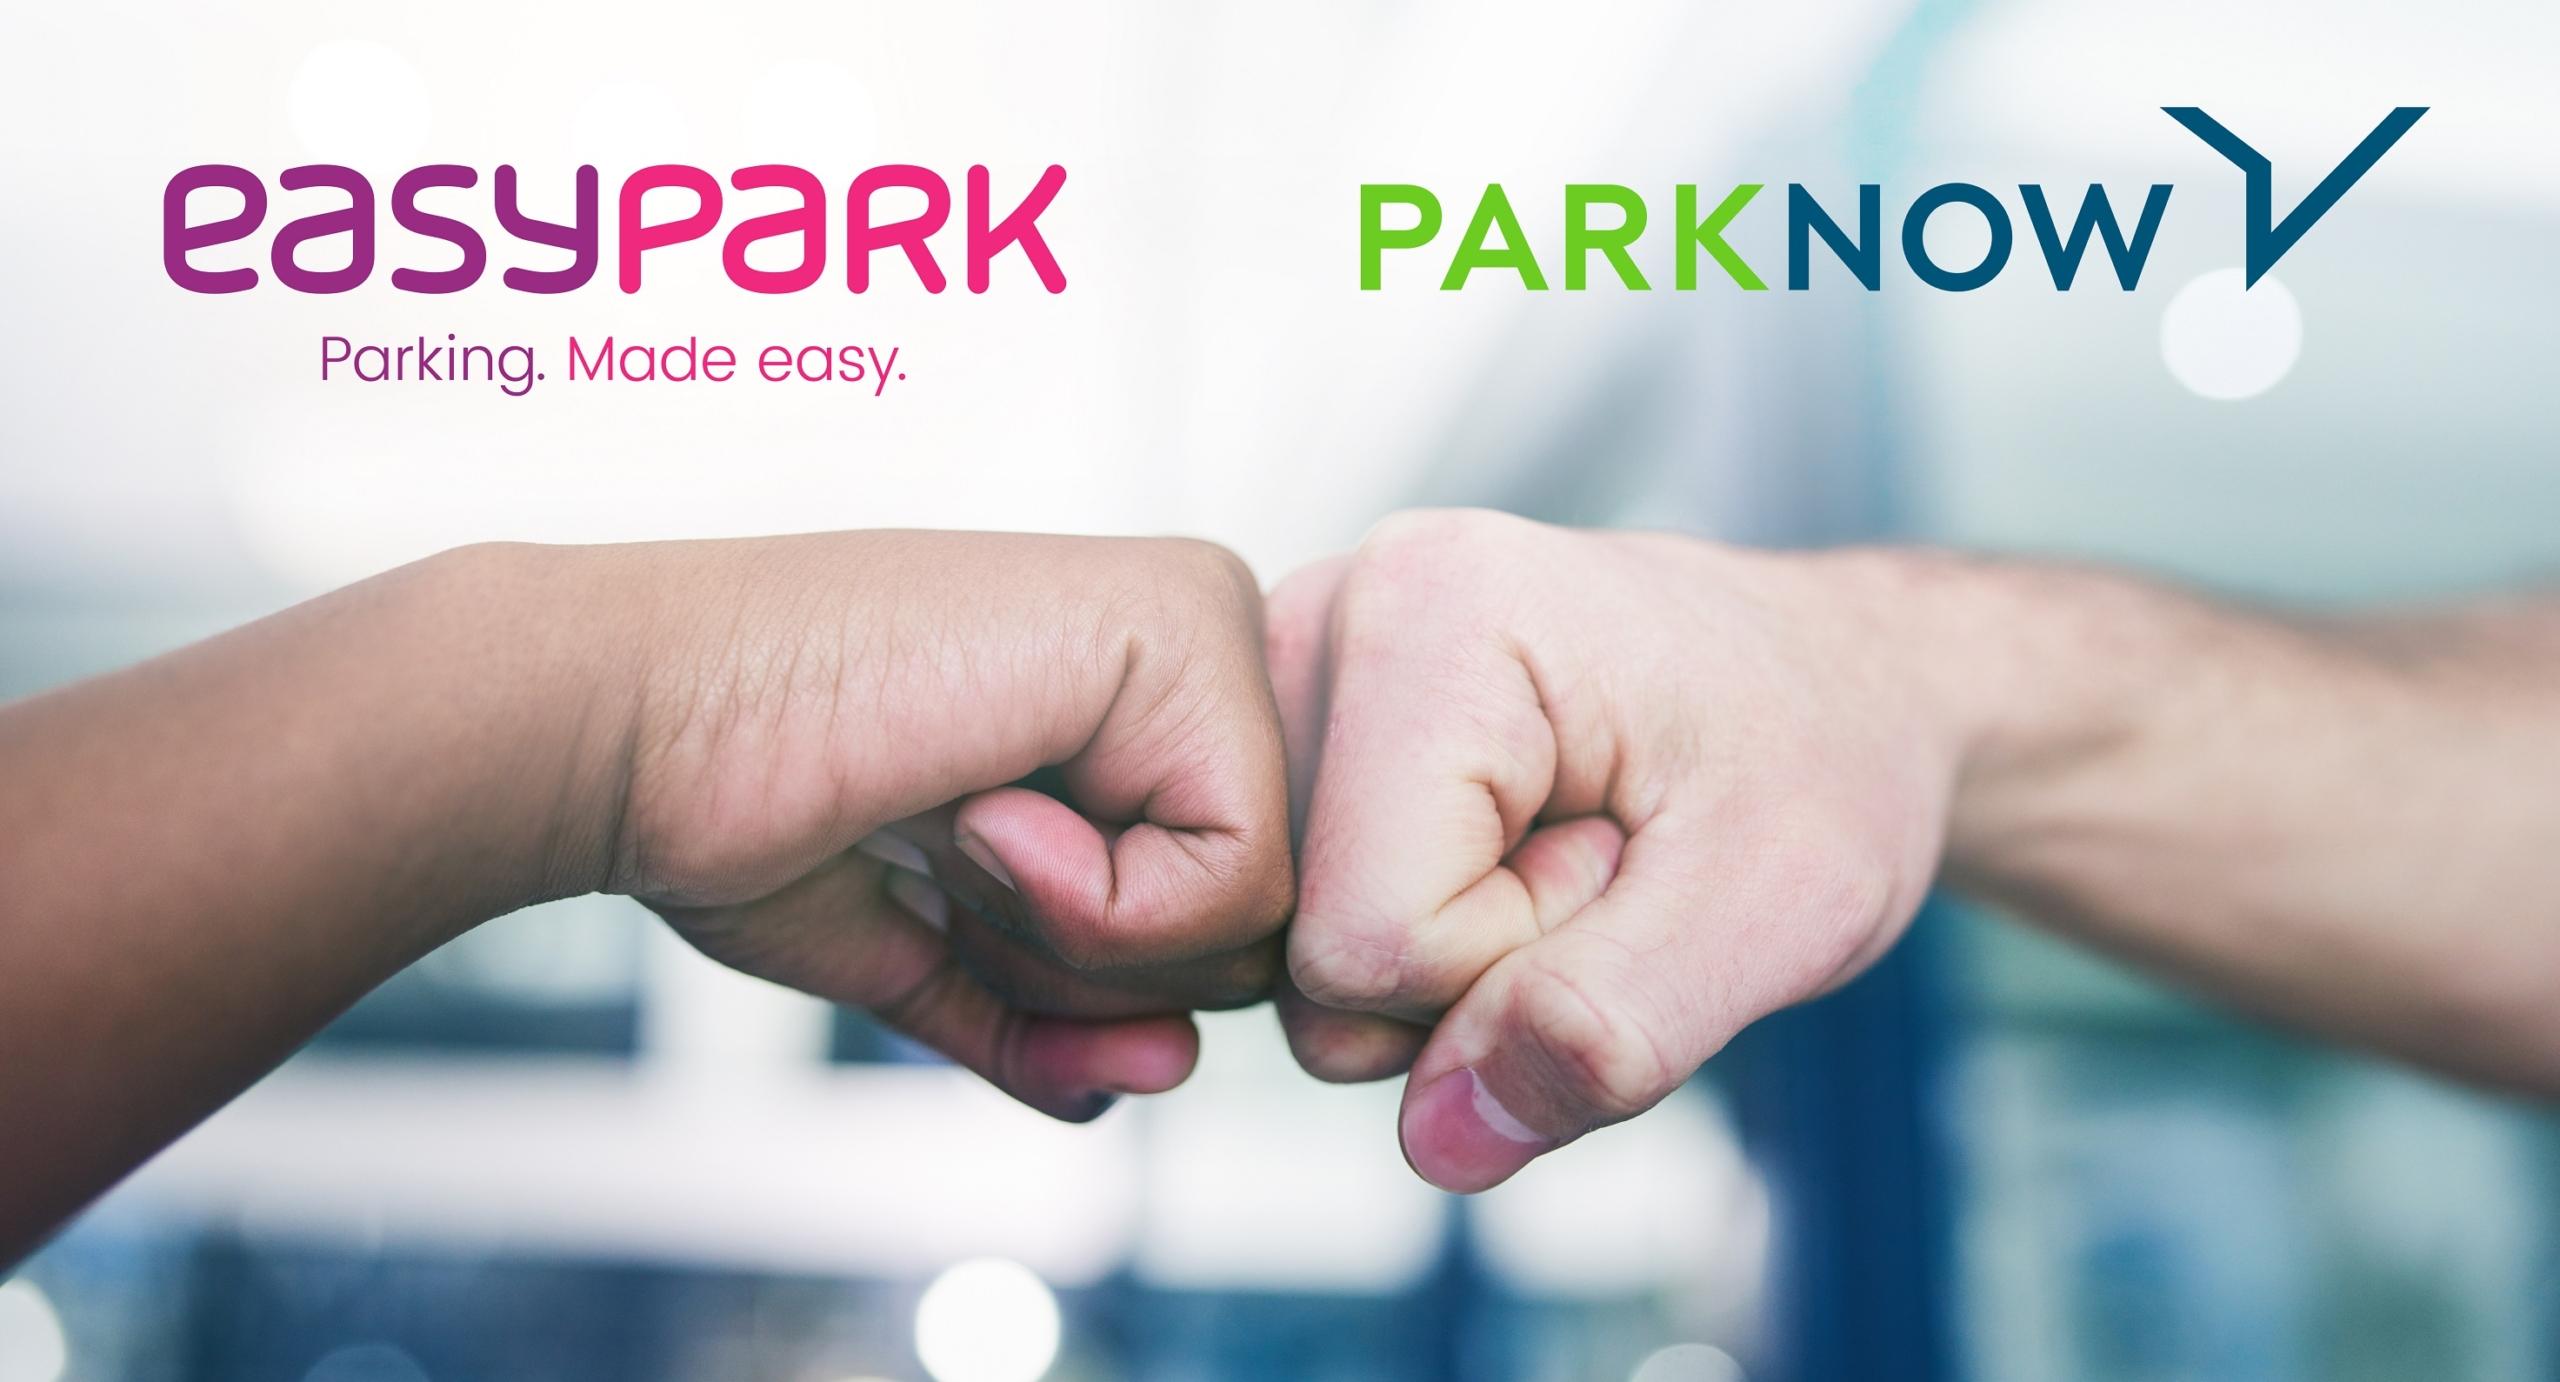 De overname van PARK NOW Group door EasyPark Group is nu rond